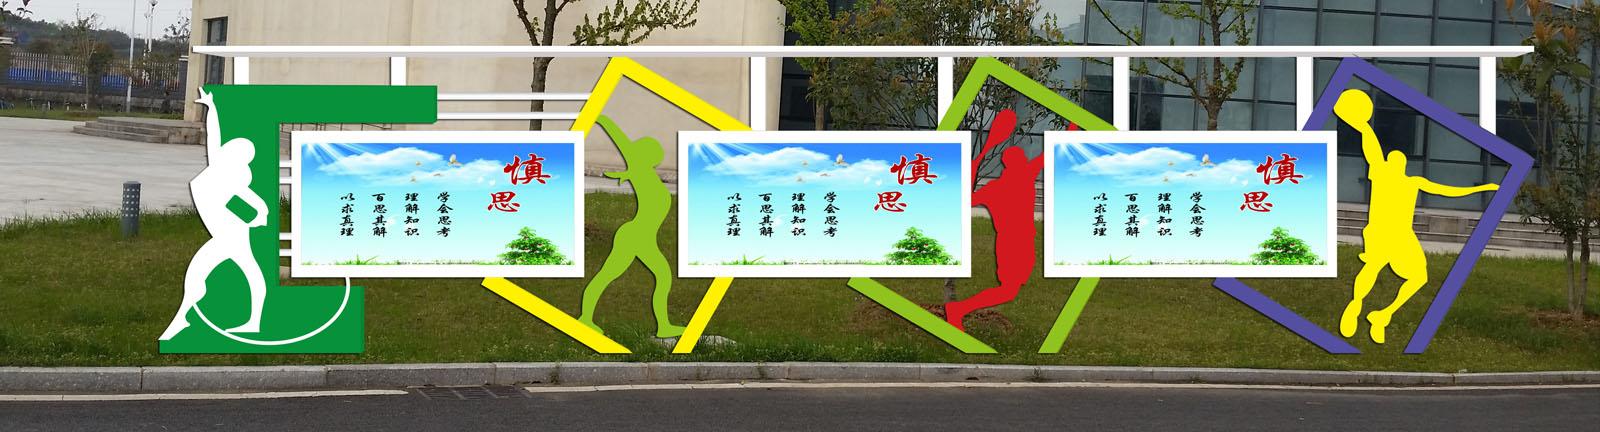 怒江公交候车亭